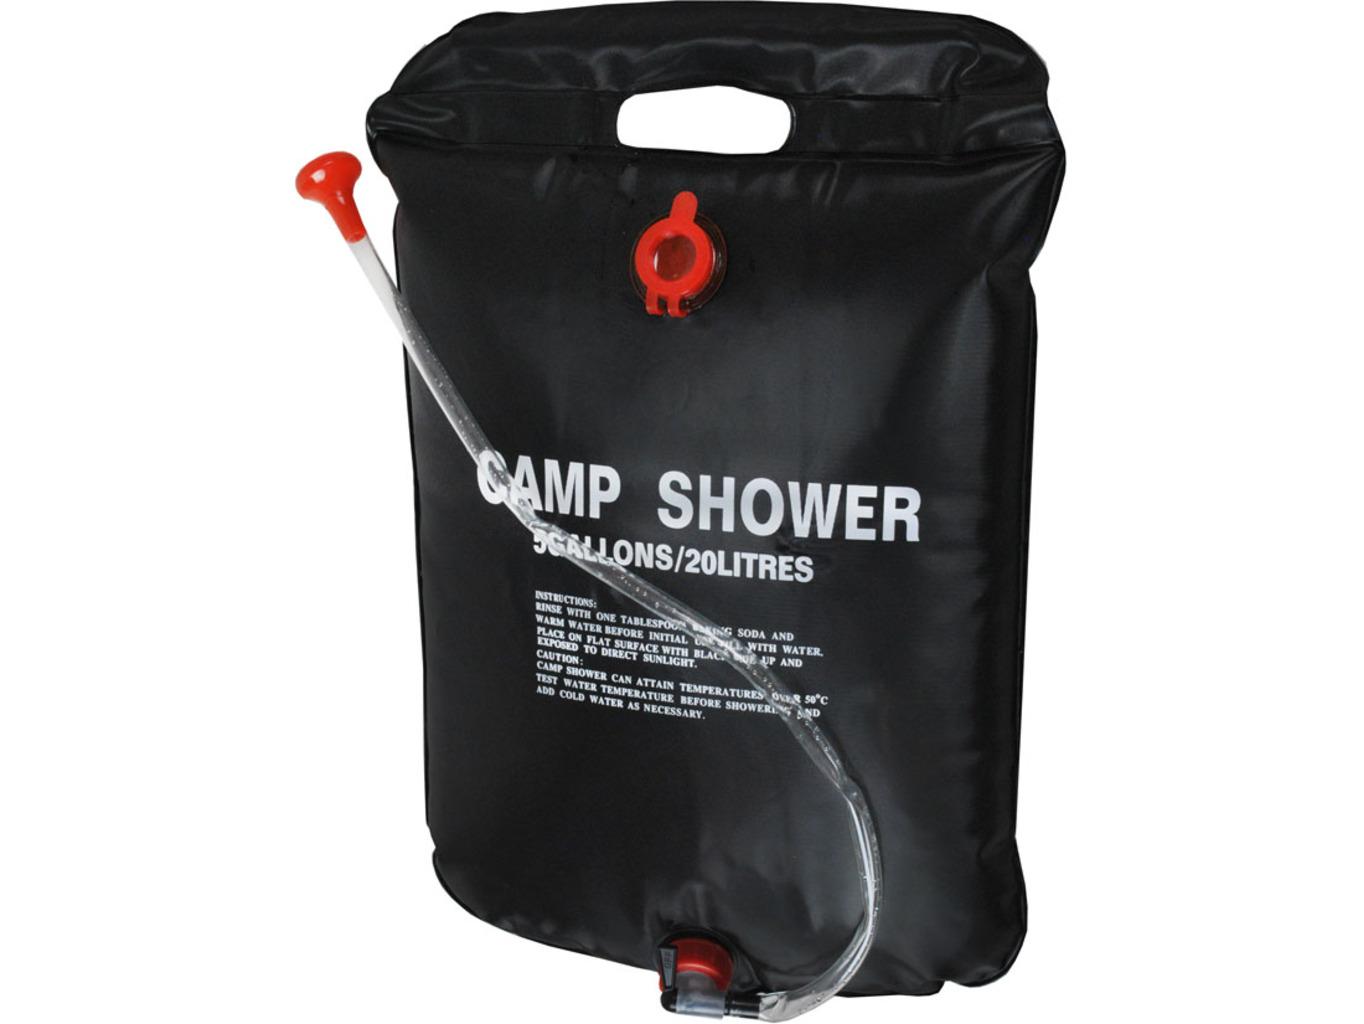 Kempová solární sprcha 20L